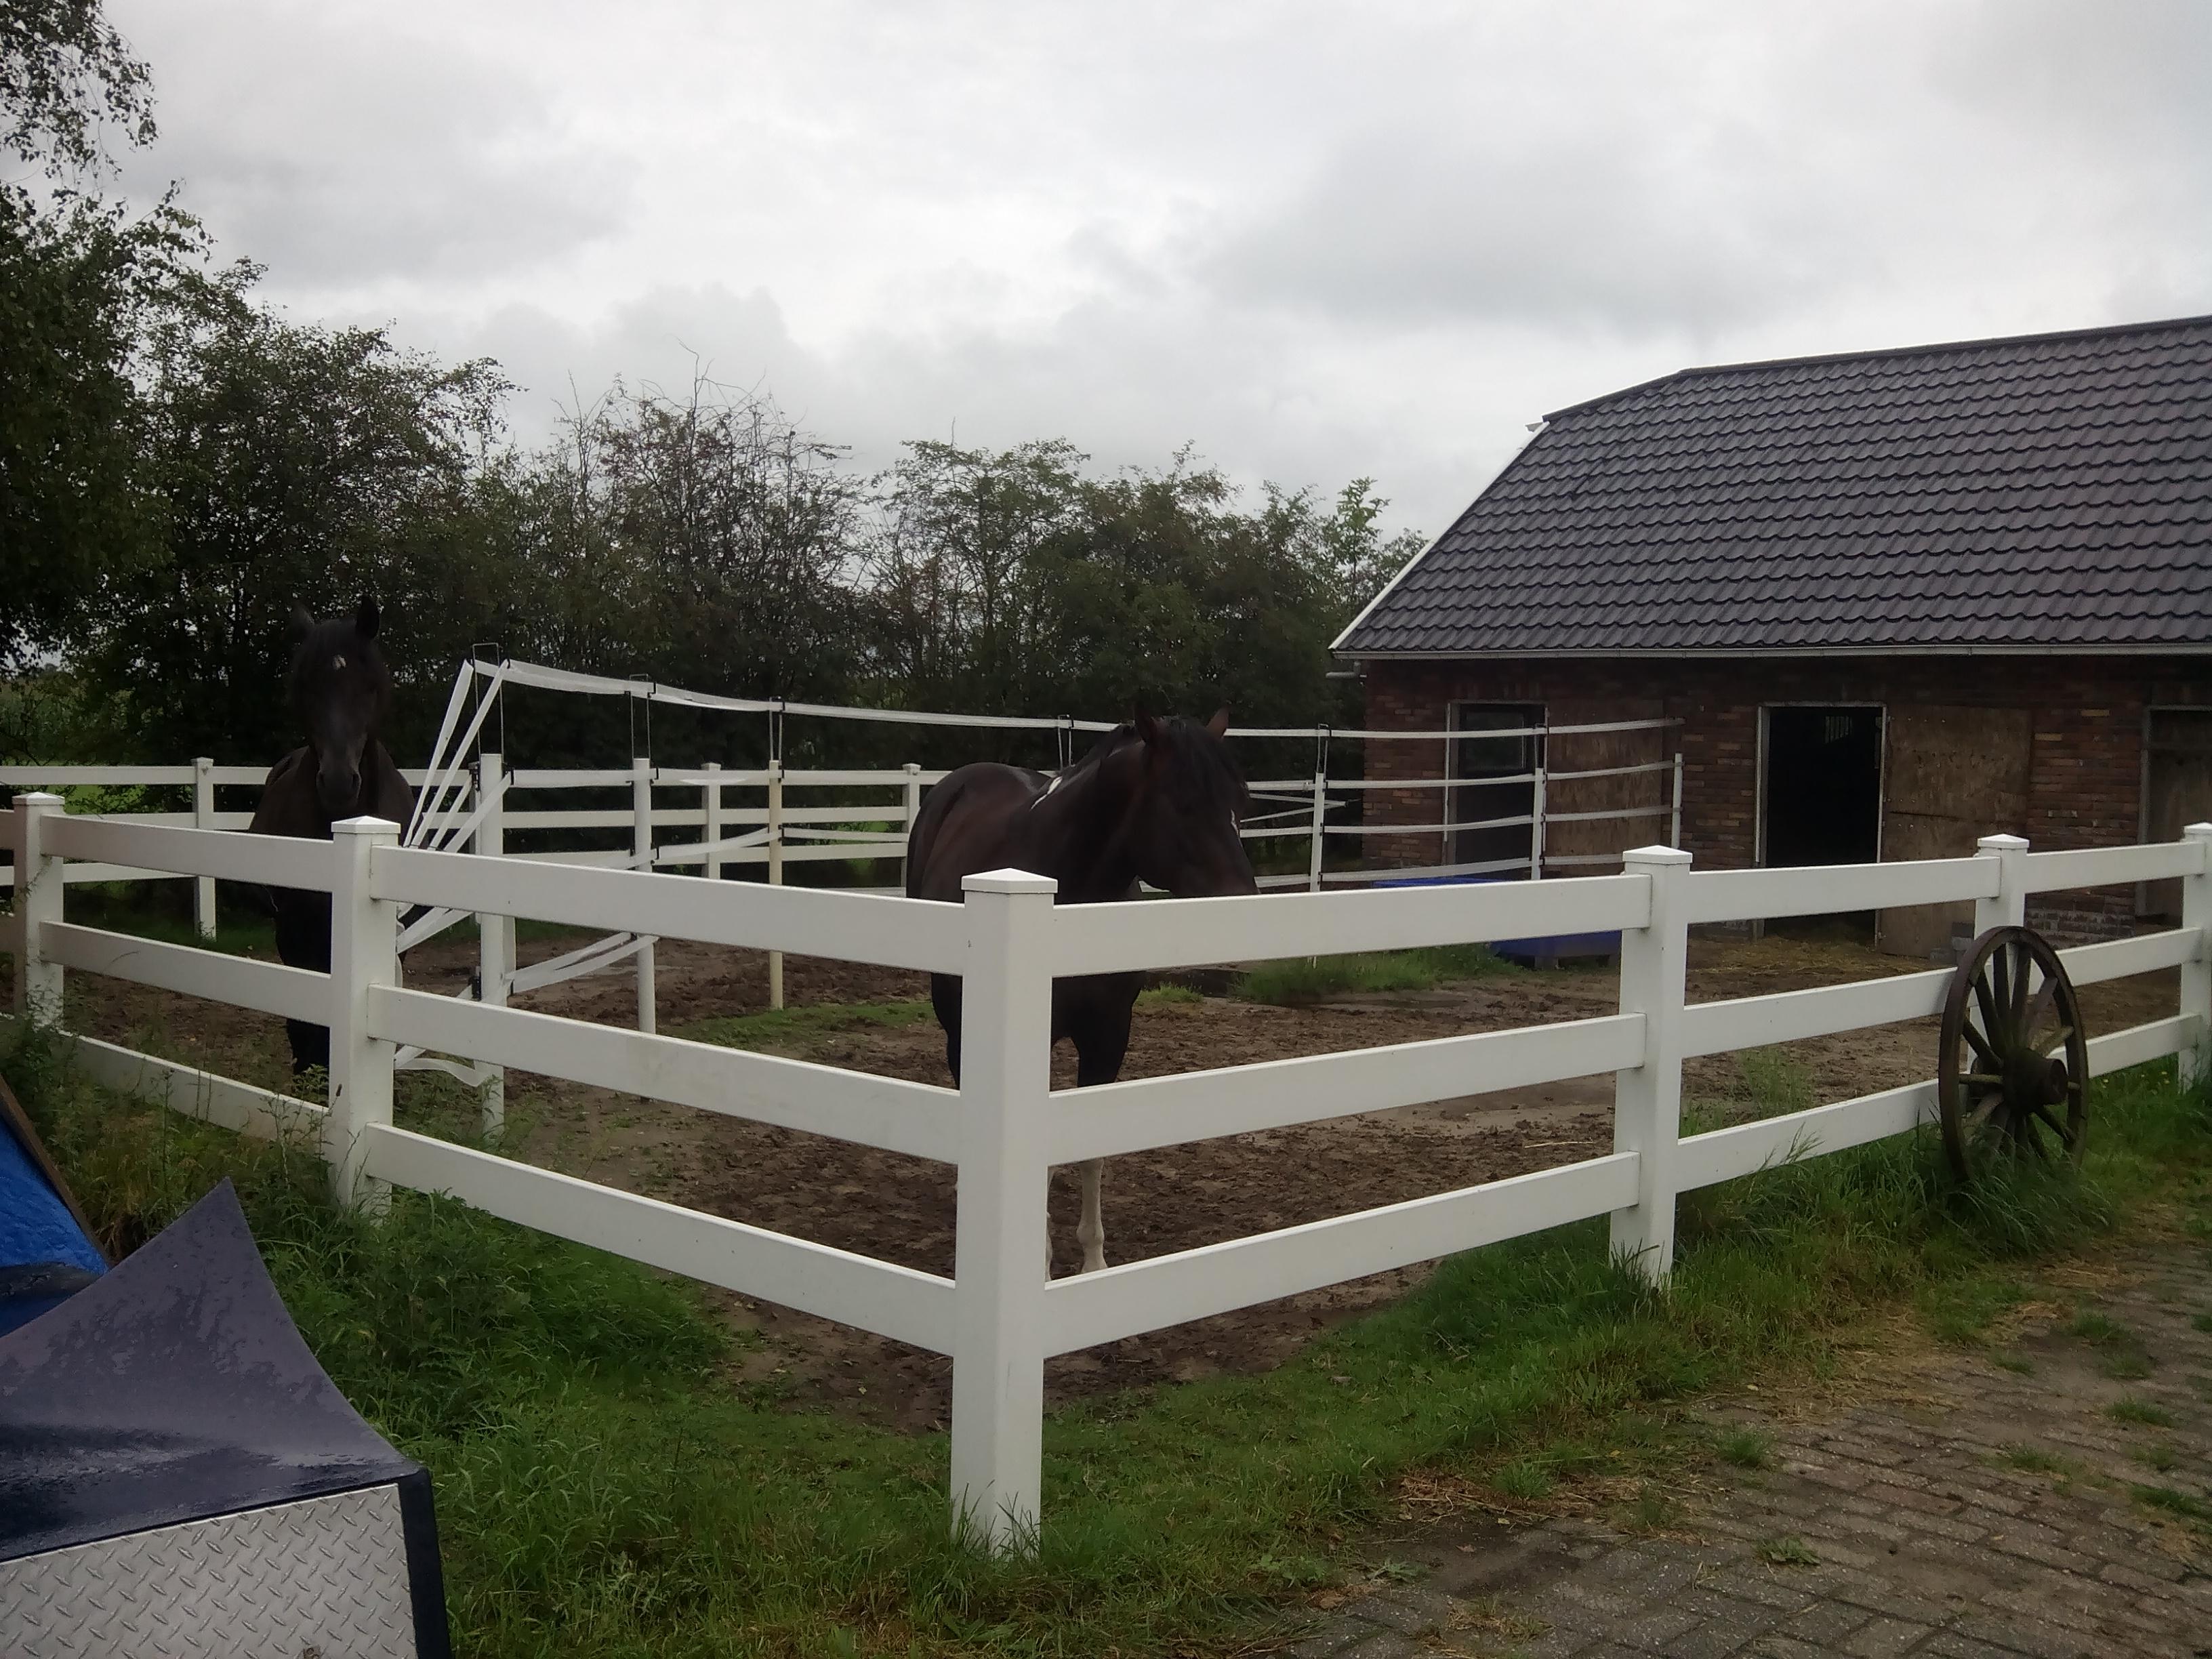 Woning met paardenstallen rijbak weiland paddocks for Huis met paardenstallen te koop